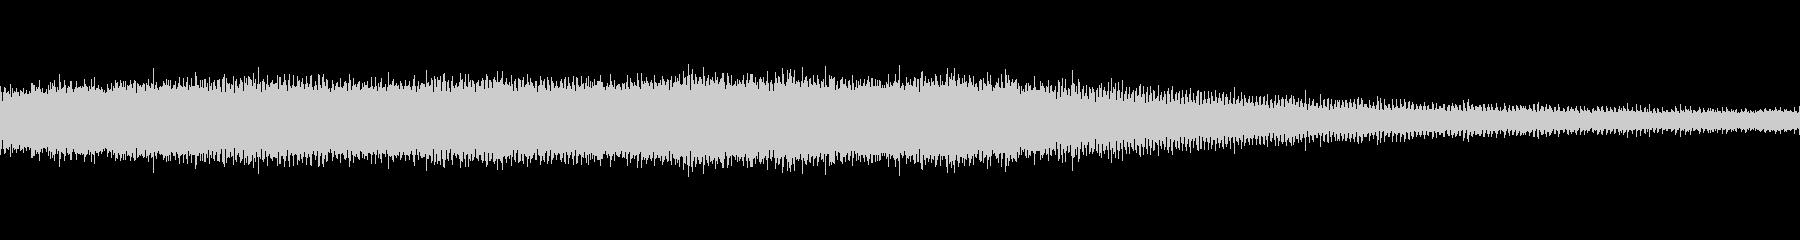 セミと鳥(ピーピー)の声の未再生の波形